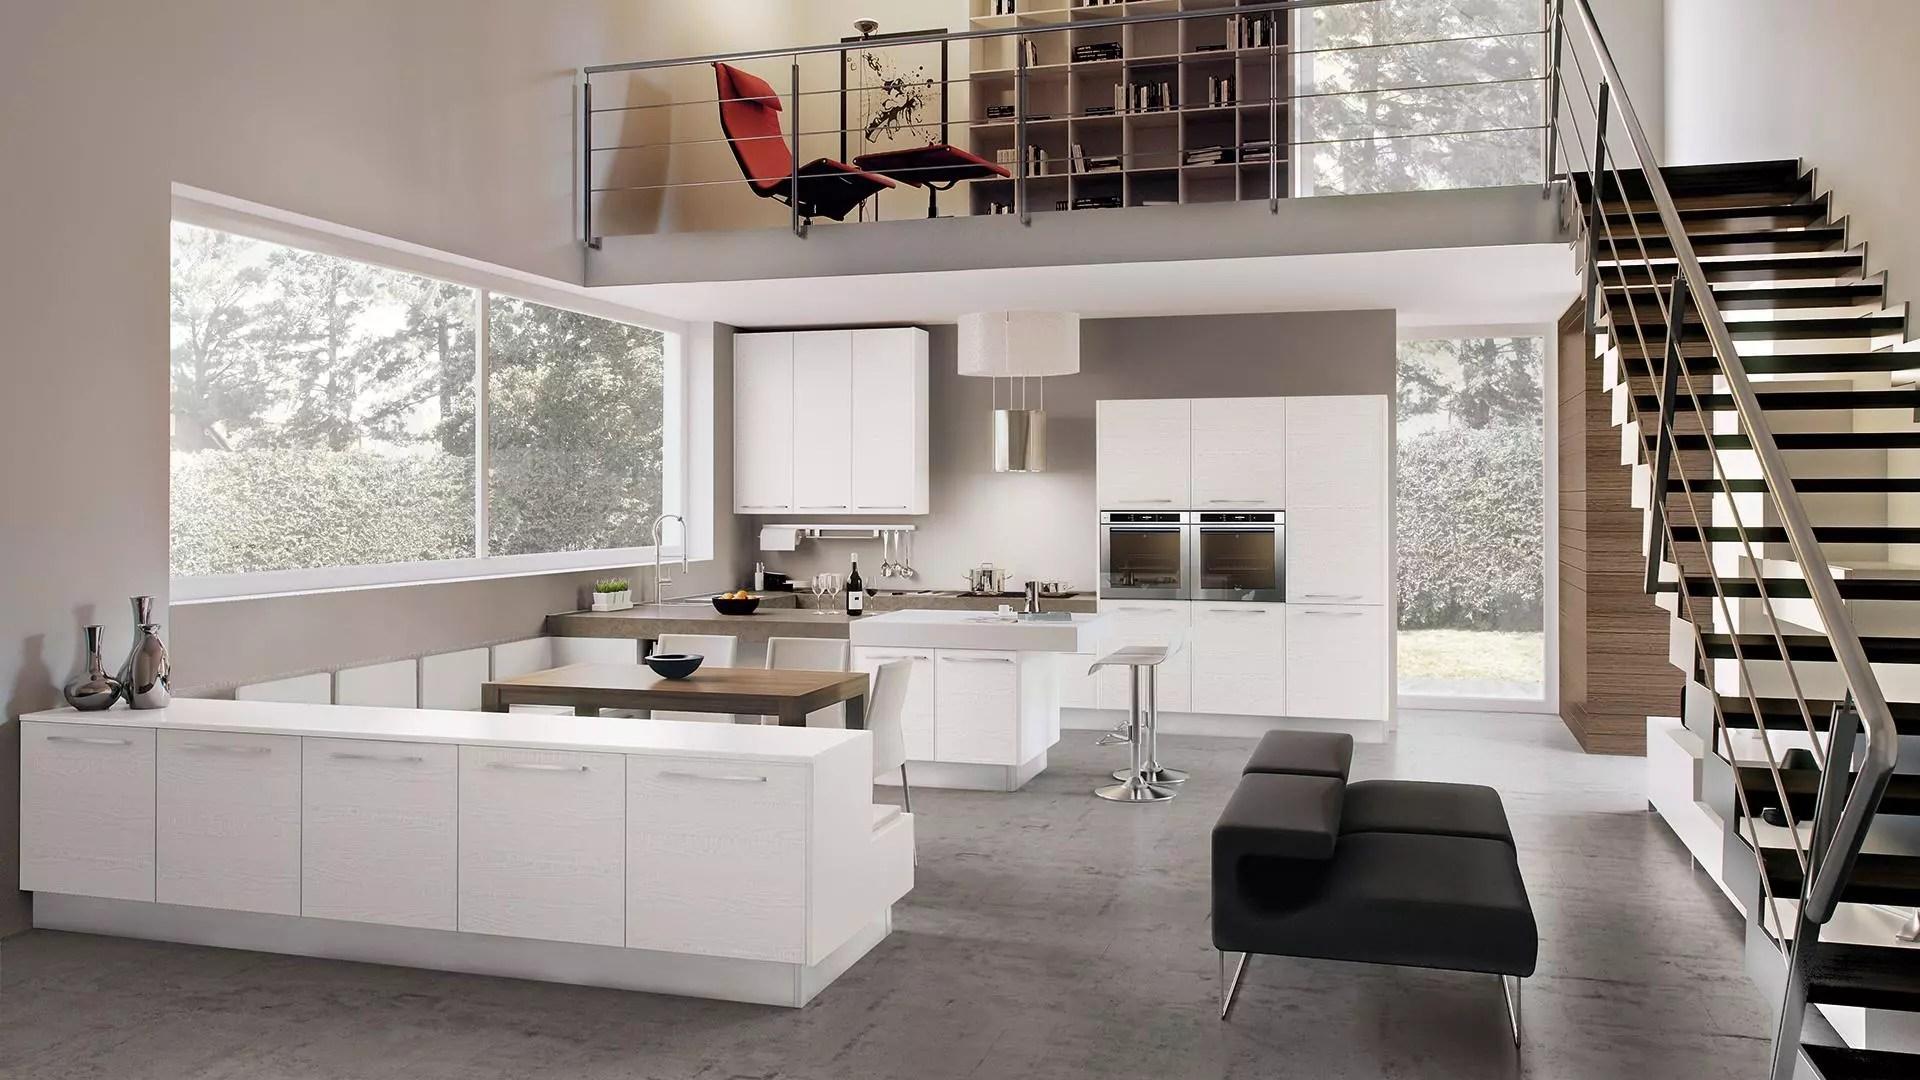 Come Progettare Una Cucina Ad Angolo | Come Progettare Una Cucina